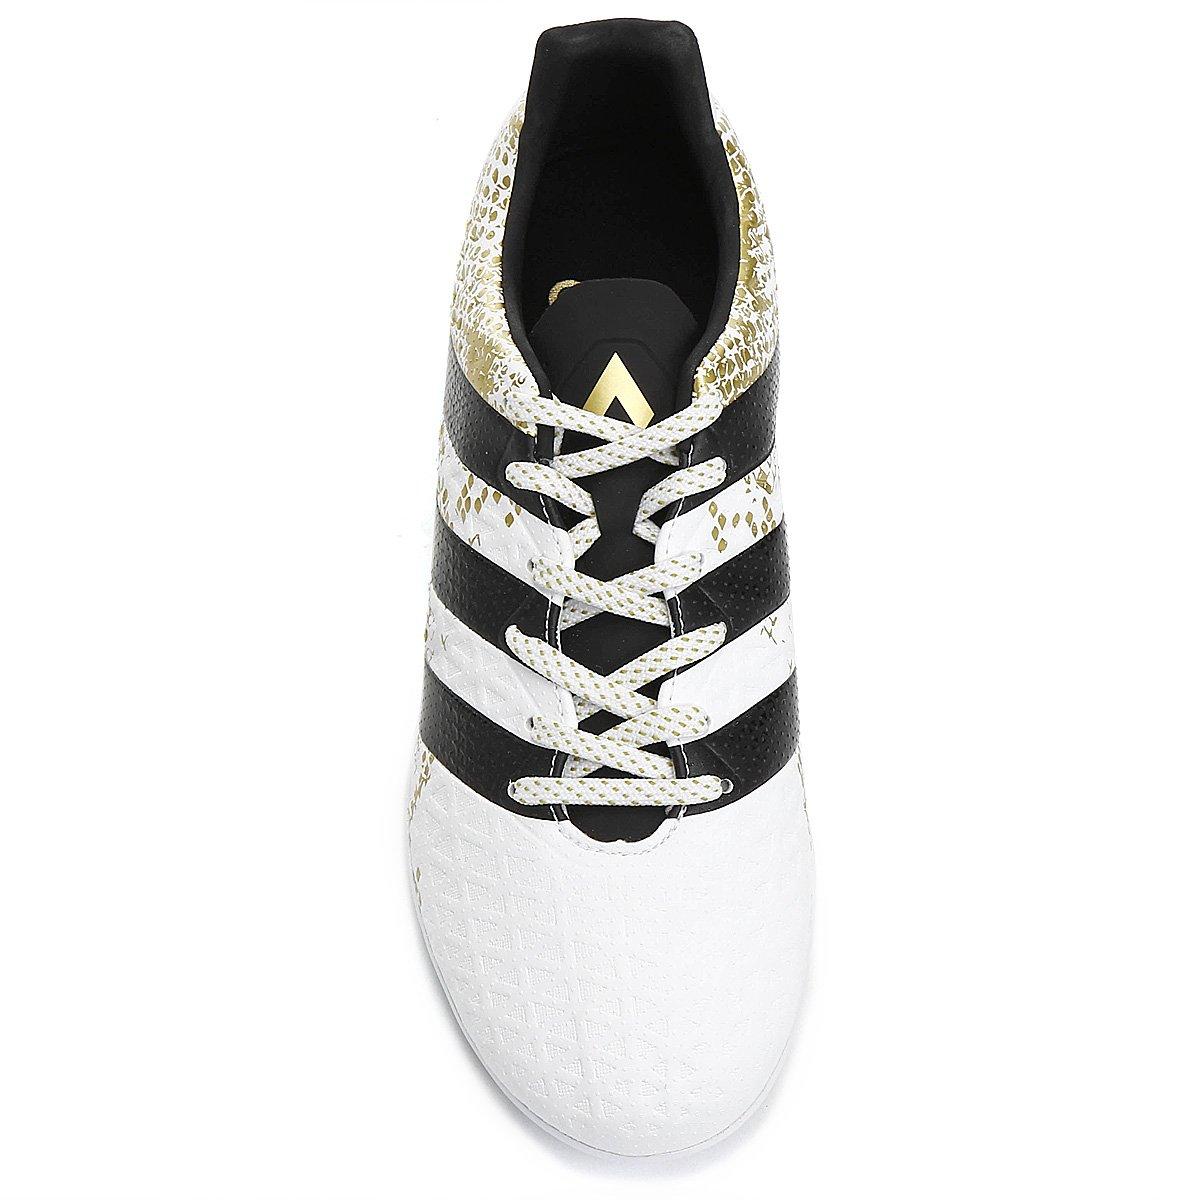 dfa130e165 Chuteira Futsal Adidas Ace 16.3 IN Masculina - Branco e Preto ...